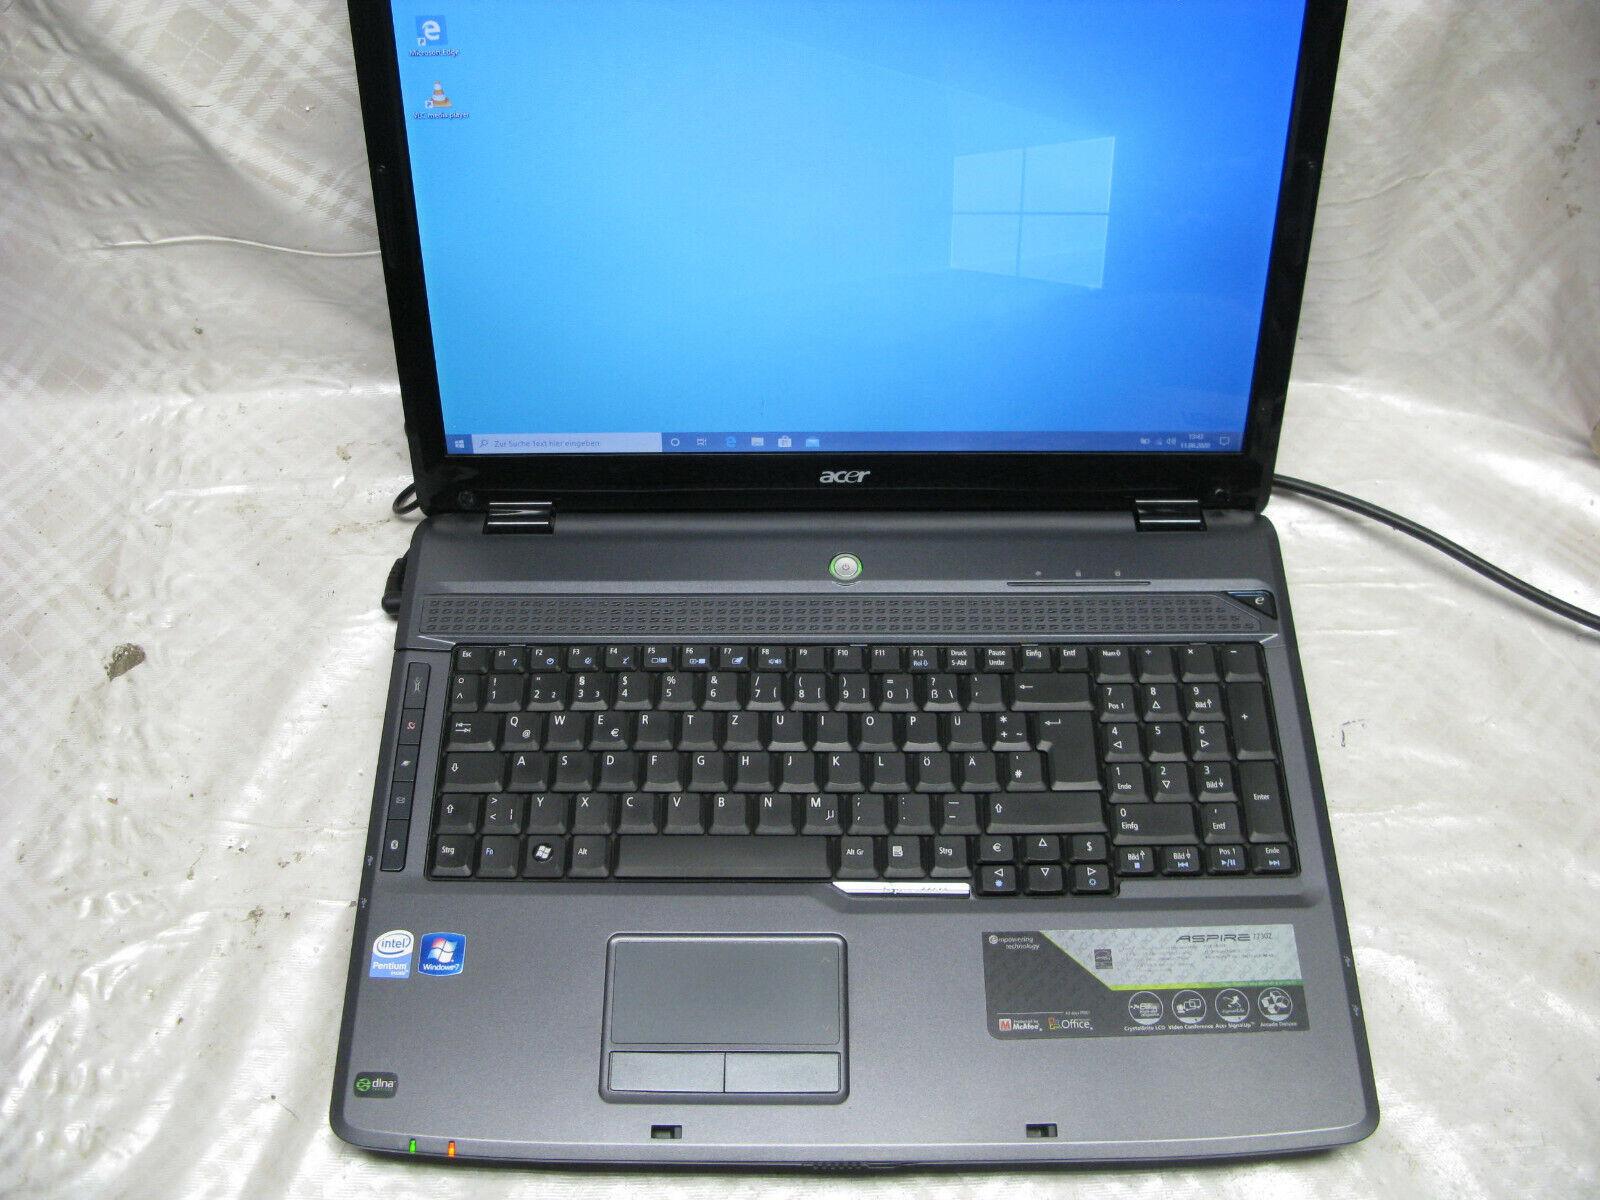 Notebook 17 Zoll Acer Aspire 7730Z Intel Dualcore T4200 2Ghz 4GB RAM WIN10 Pro